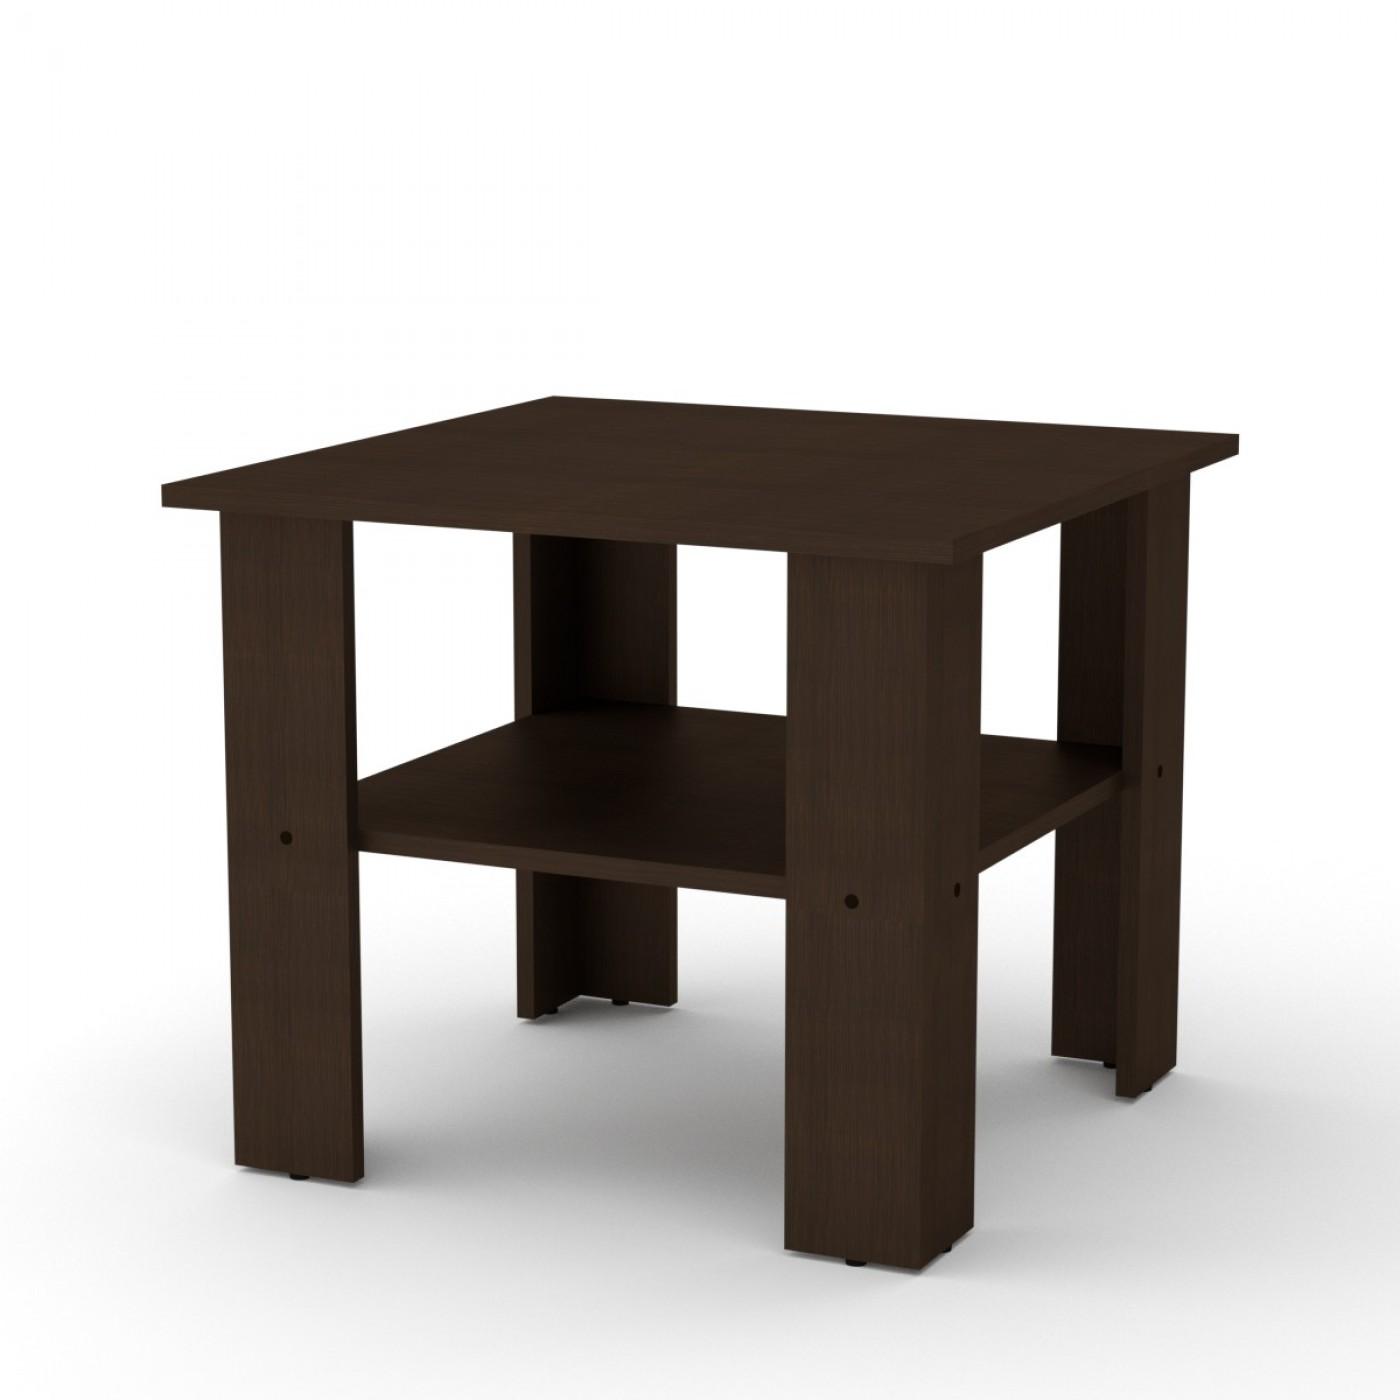 МАДРИД стол журнальный